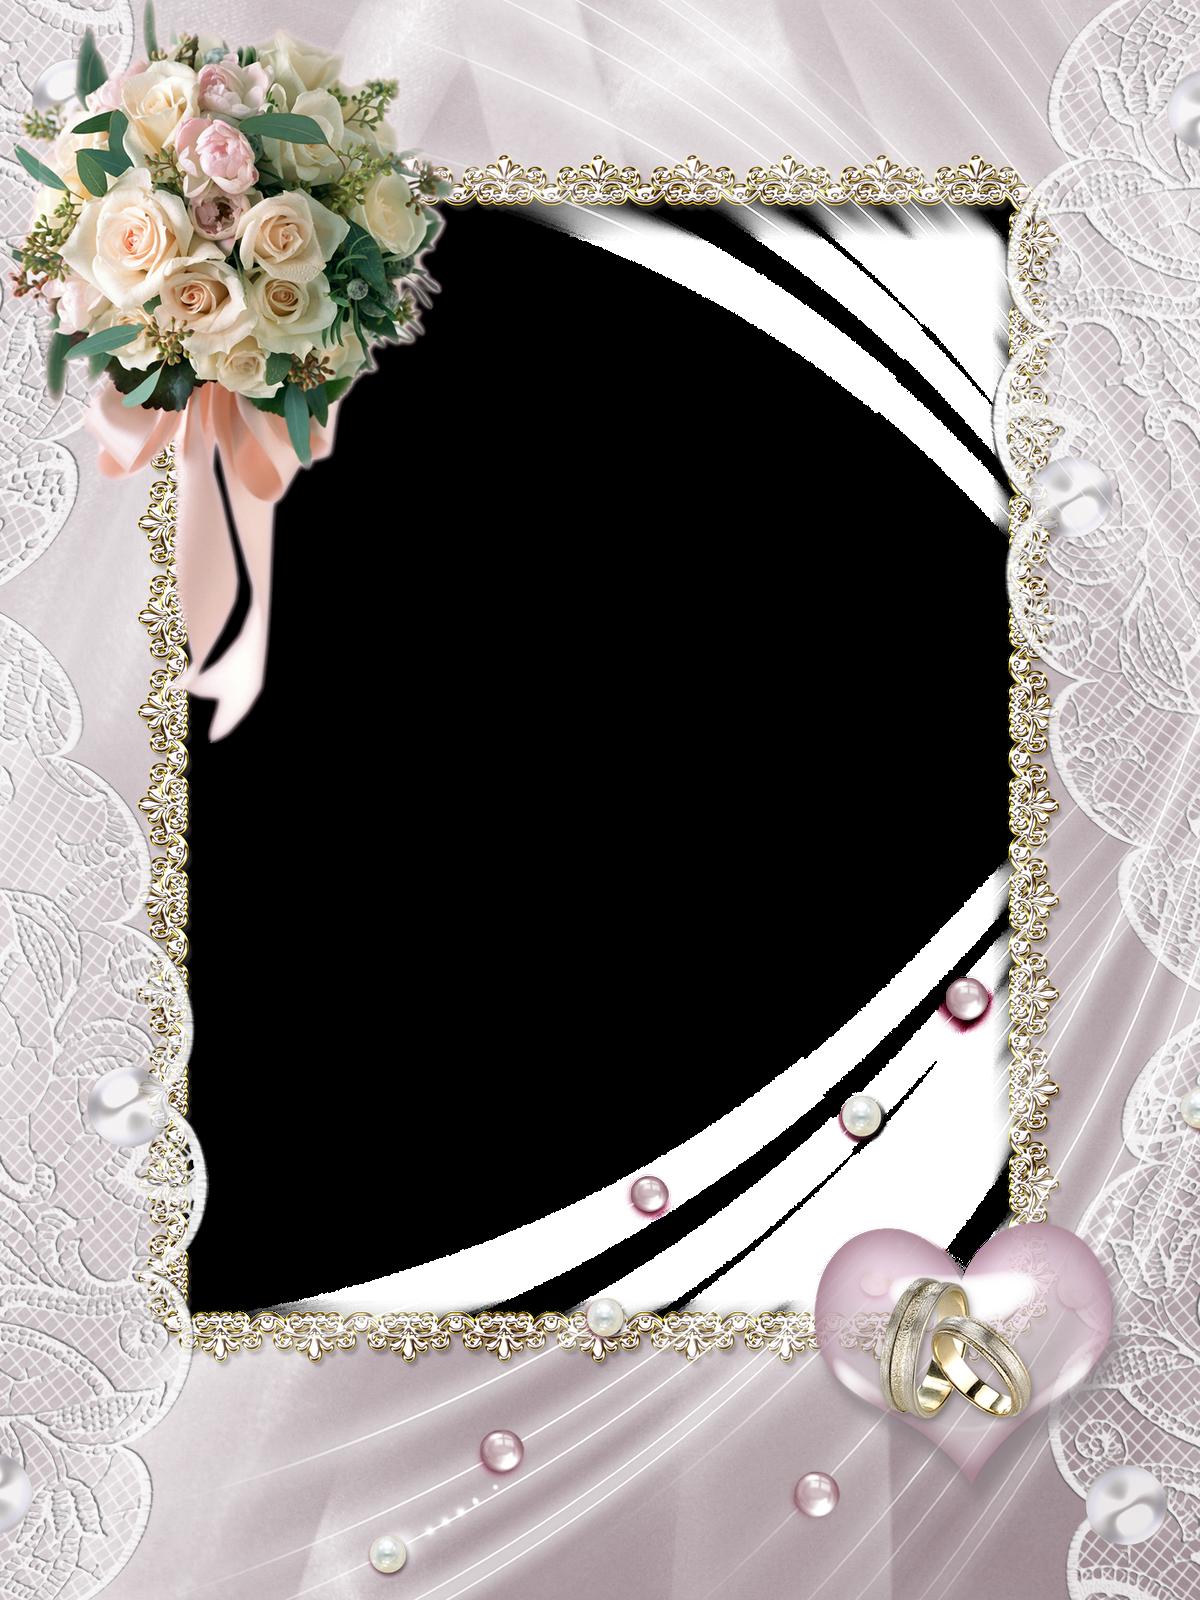 процессе шаблон под свадебную открытку машины